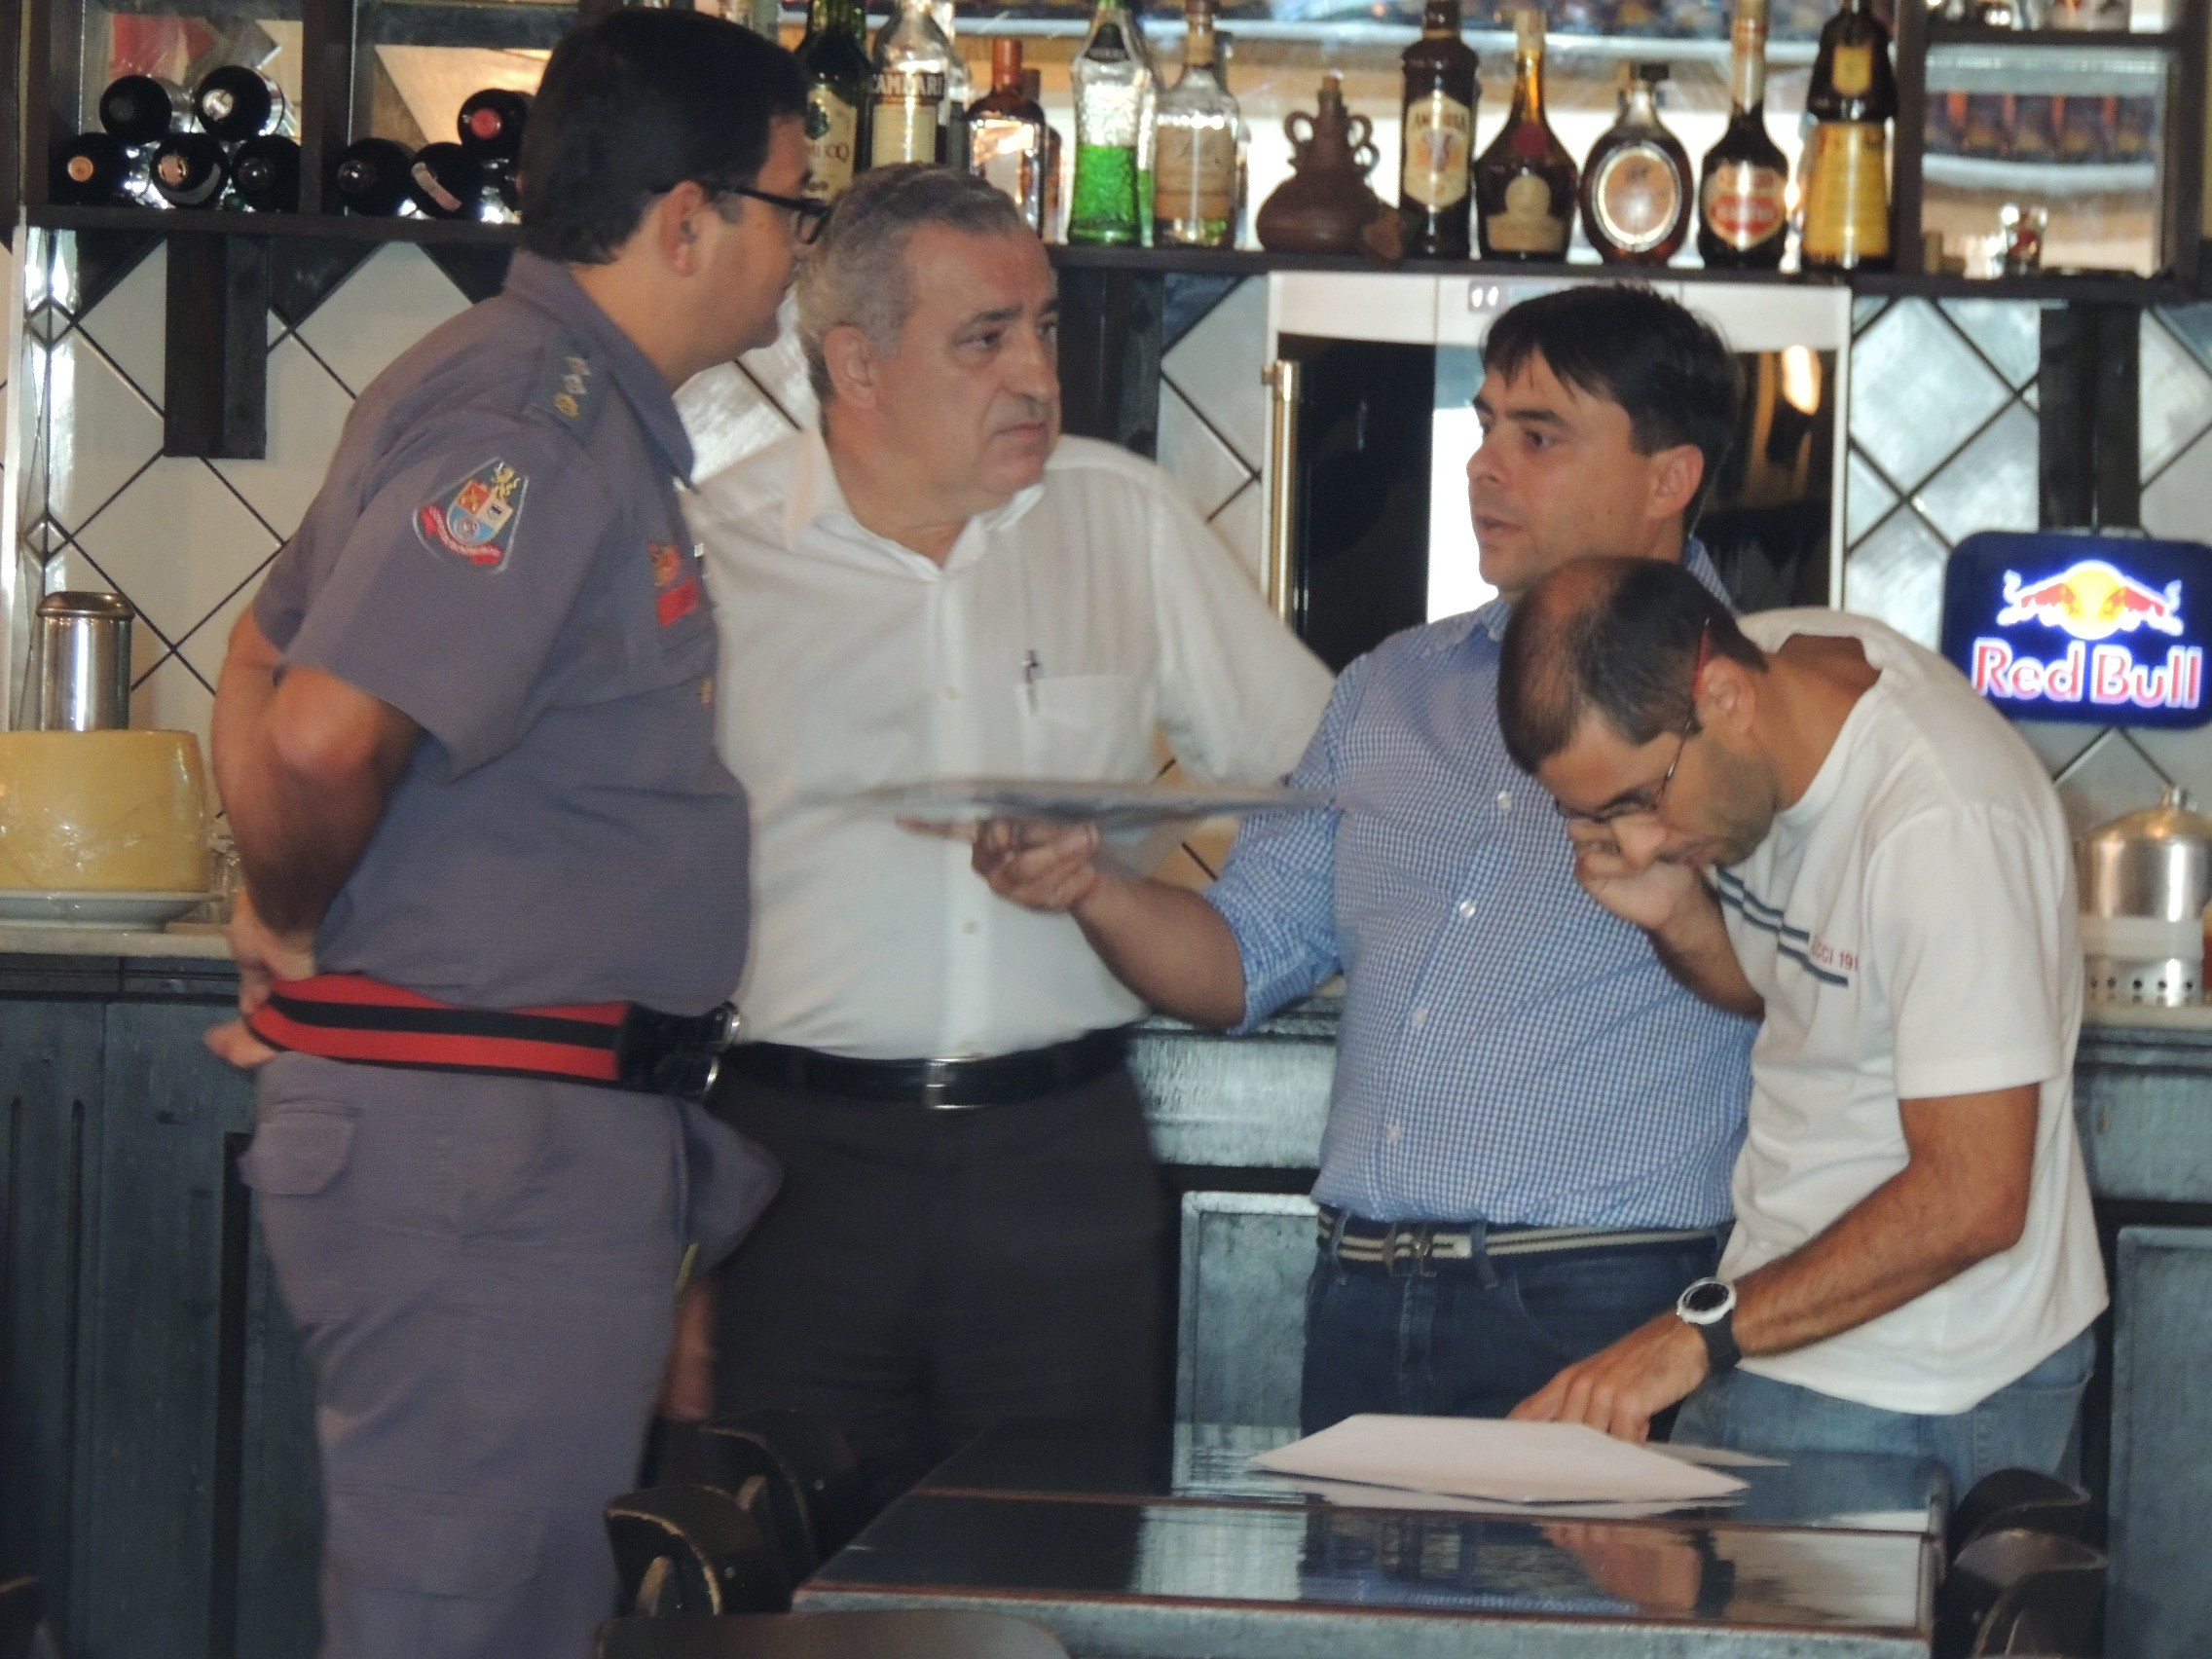 Comissão que faz vistoria é formada por fiscais da prefeitura e bombeiros. (Foto: Pedro Carlos Leite/G1)